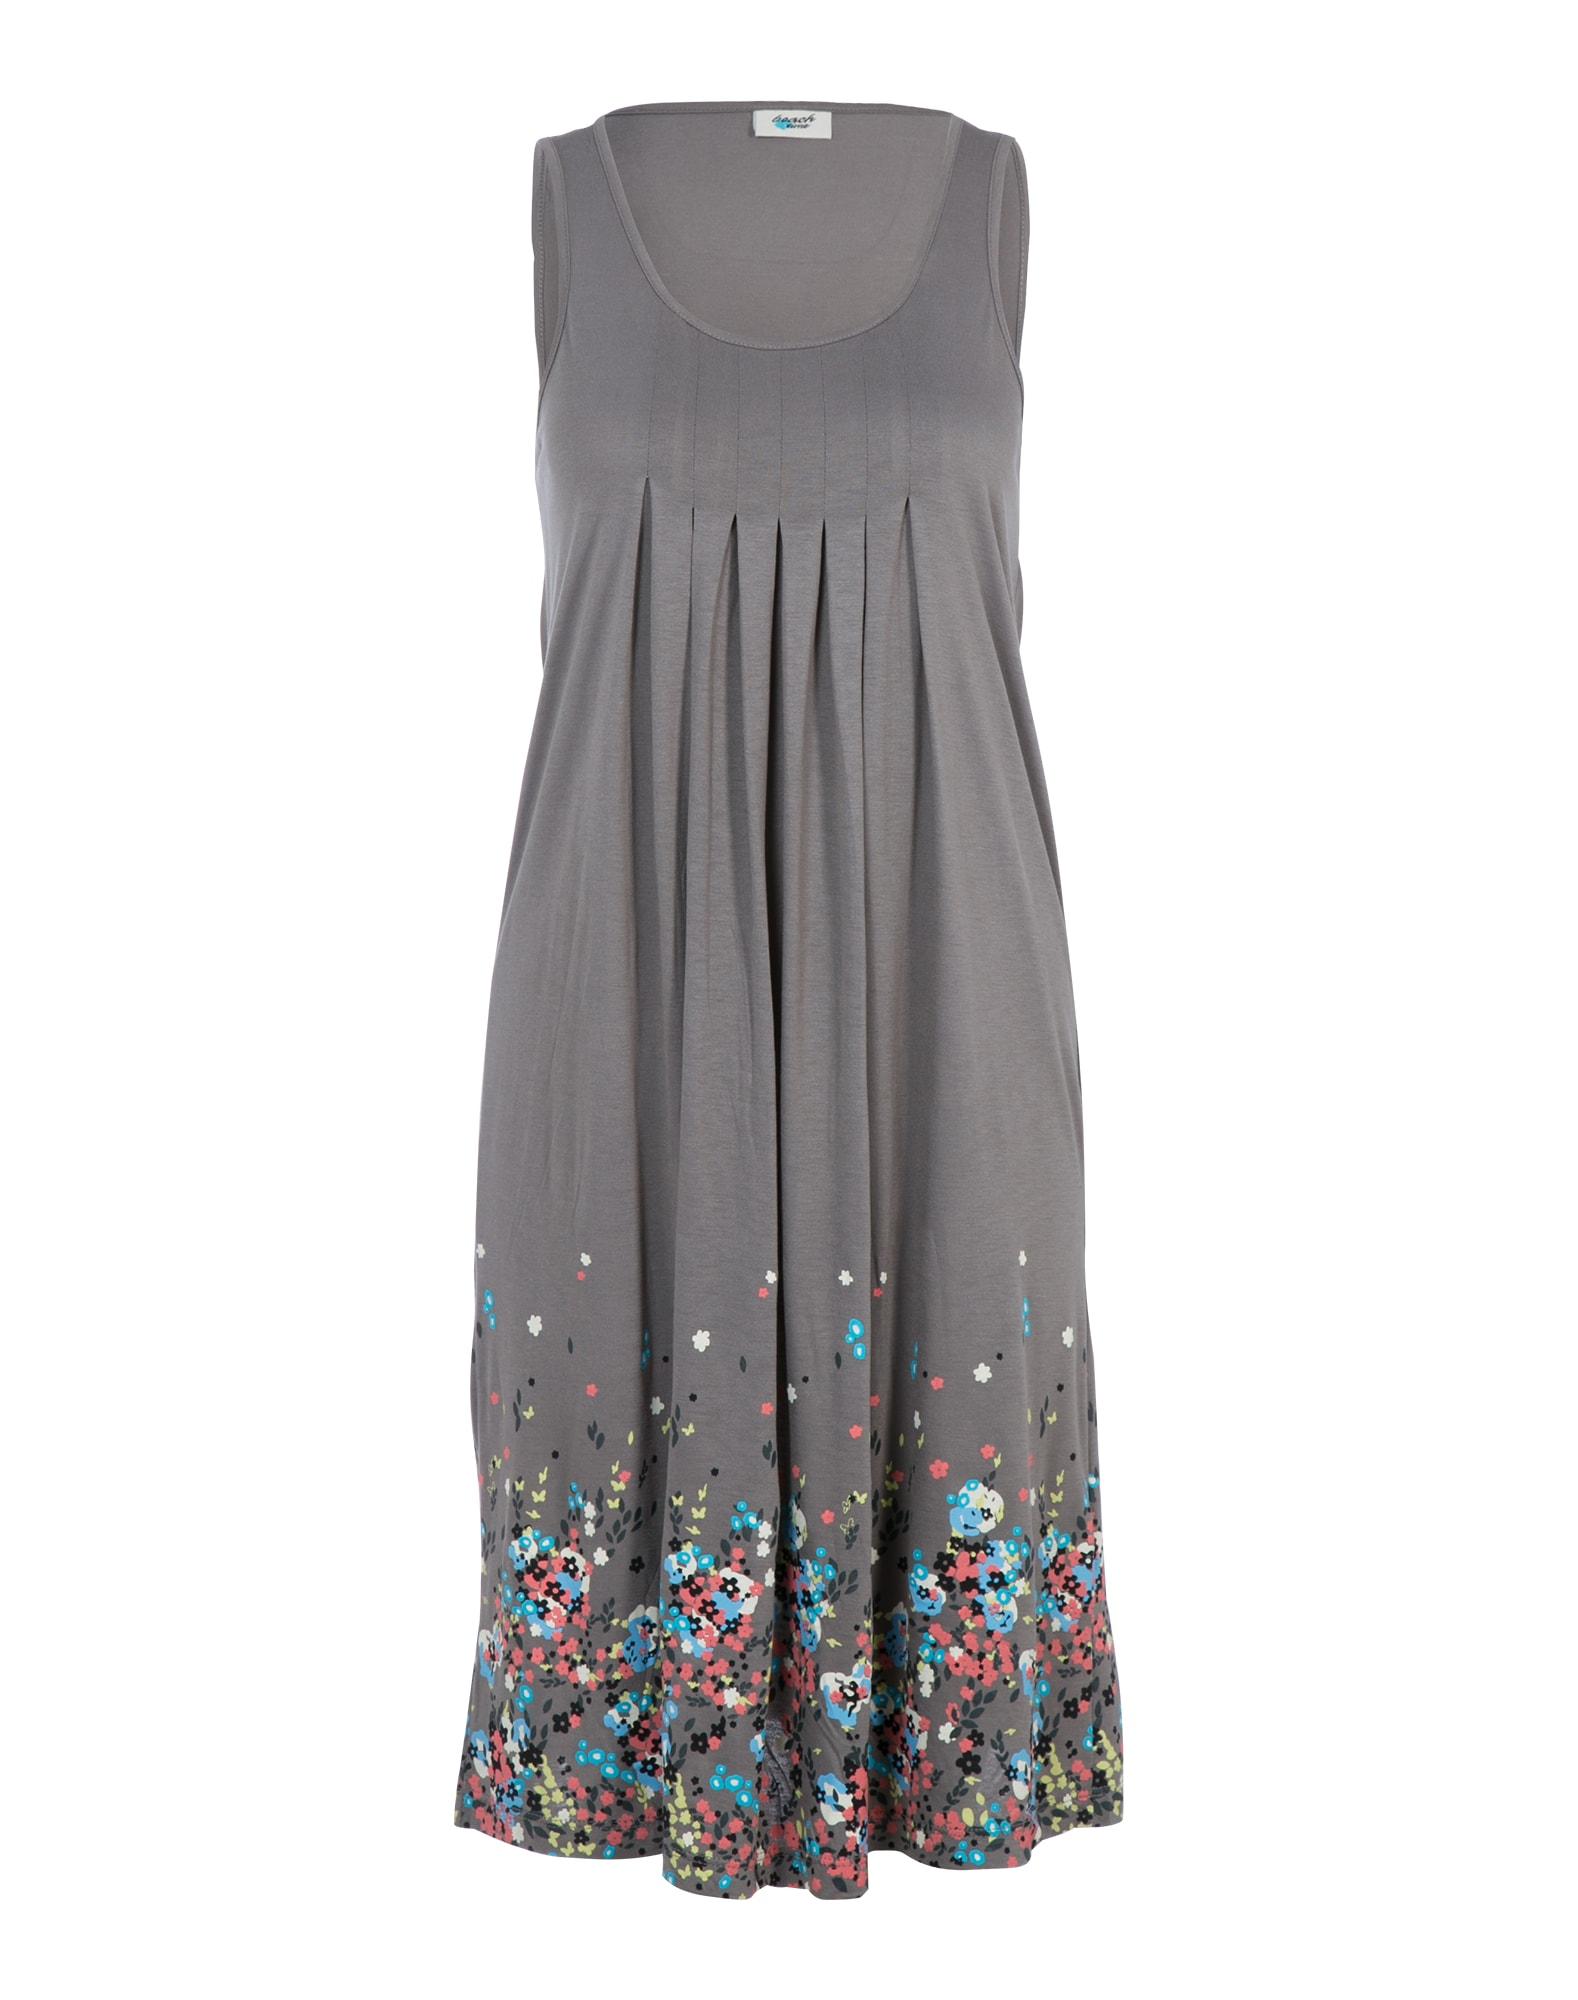 BEACH TIME Vasarinė suknelė šviesiai mėlyna / geltona / pilka / tamsiai pilka / rožių spalva / balta